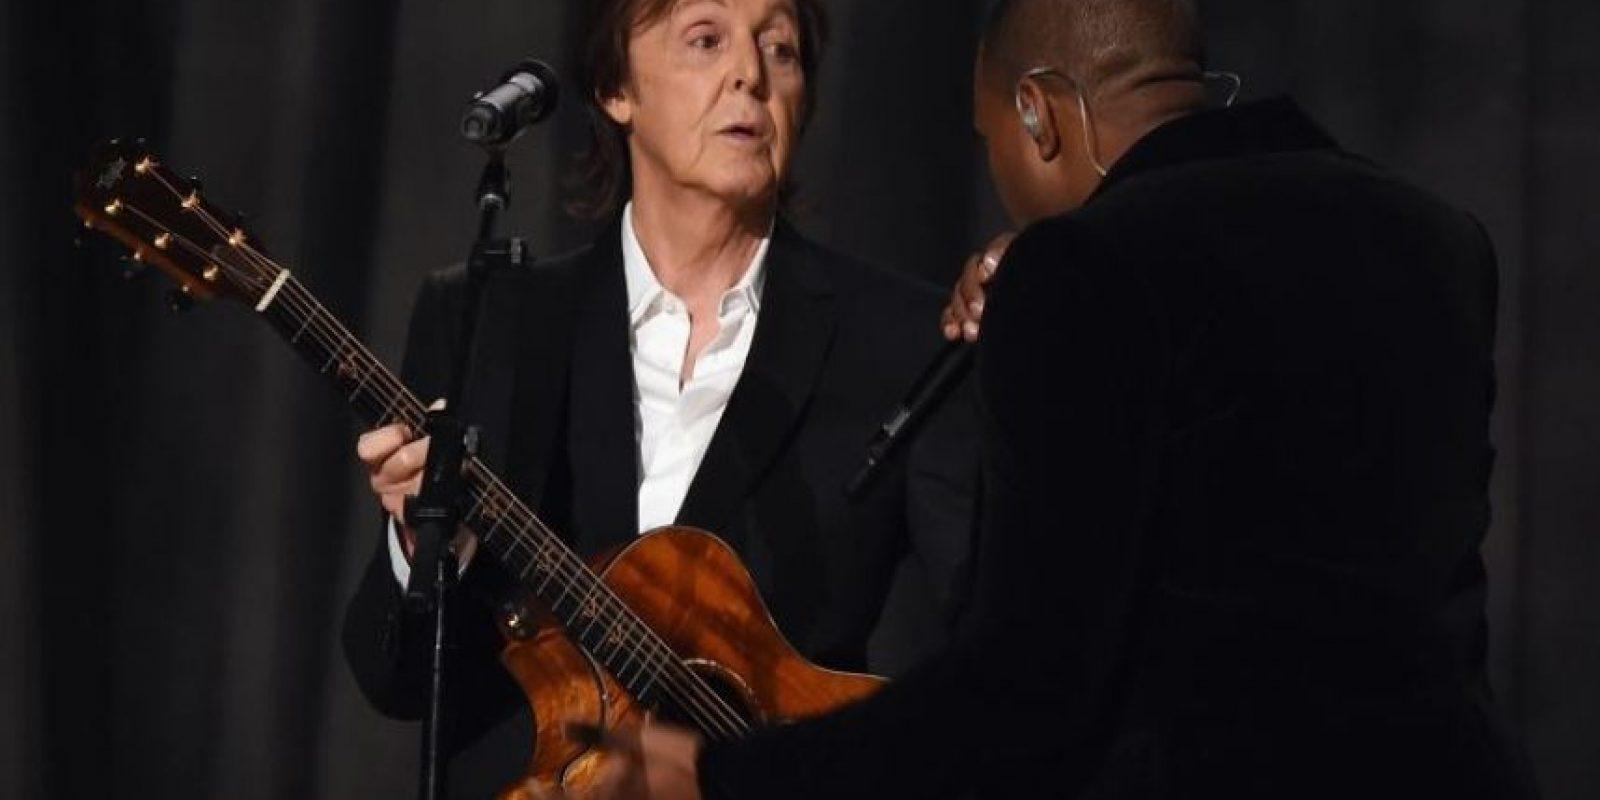 En 1984, Paul McCartney fue demandado por la presunta paternidad de Bettina Krischbin, hija de una mujer con la que tuvo una relación secreta durante tres años. Se hizo una prueba y dio negativo, pero en 2007, McCartney fue acusado de falsificar el examen. Foto:Getty Images